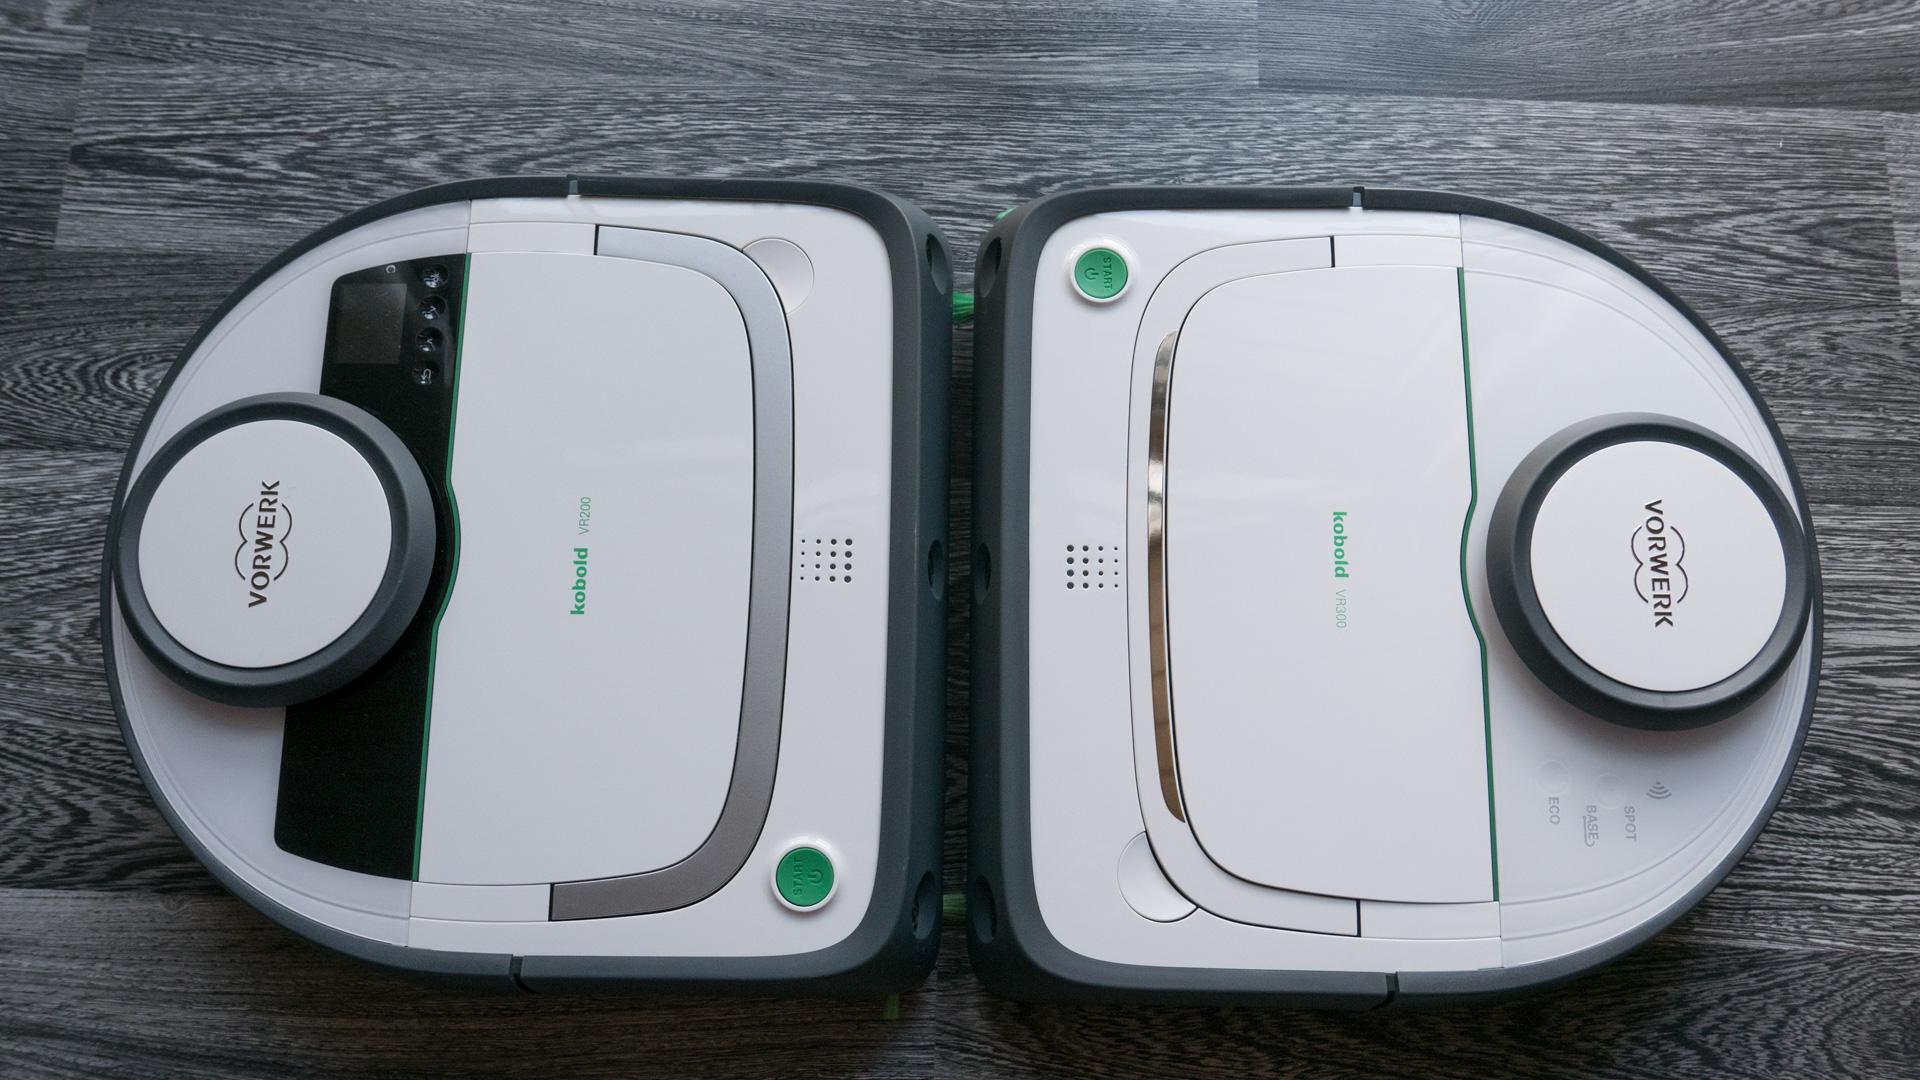 Vorwerk-VR200-VR300-Vergleich-3